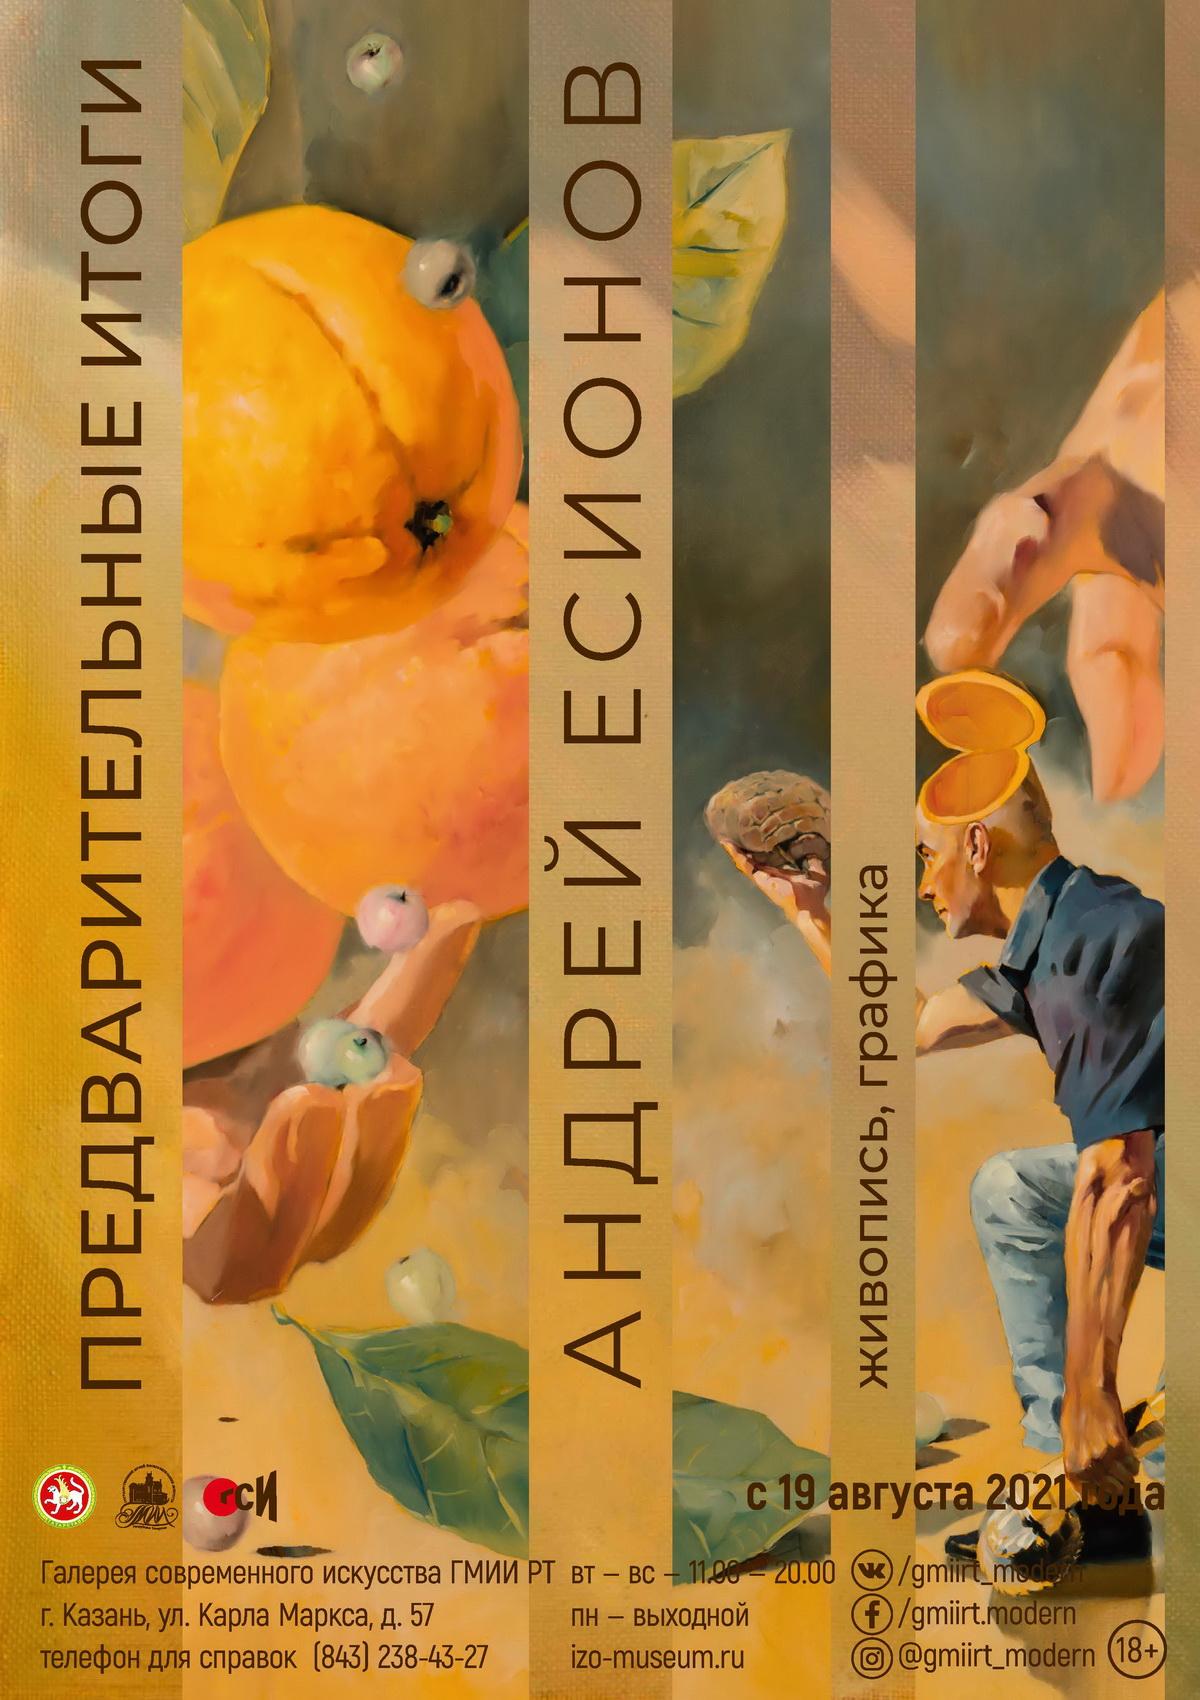 Выставка «Предварительные итоги». Андрей Кимович Есионов 18+